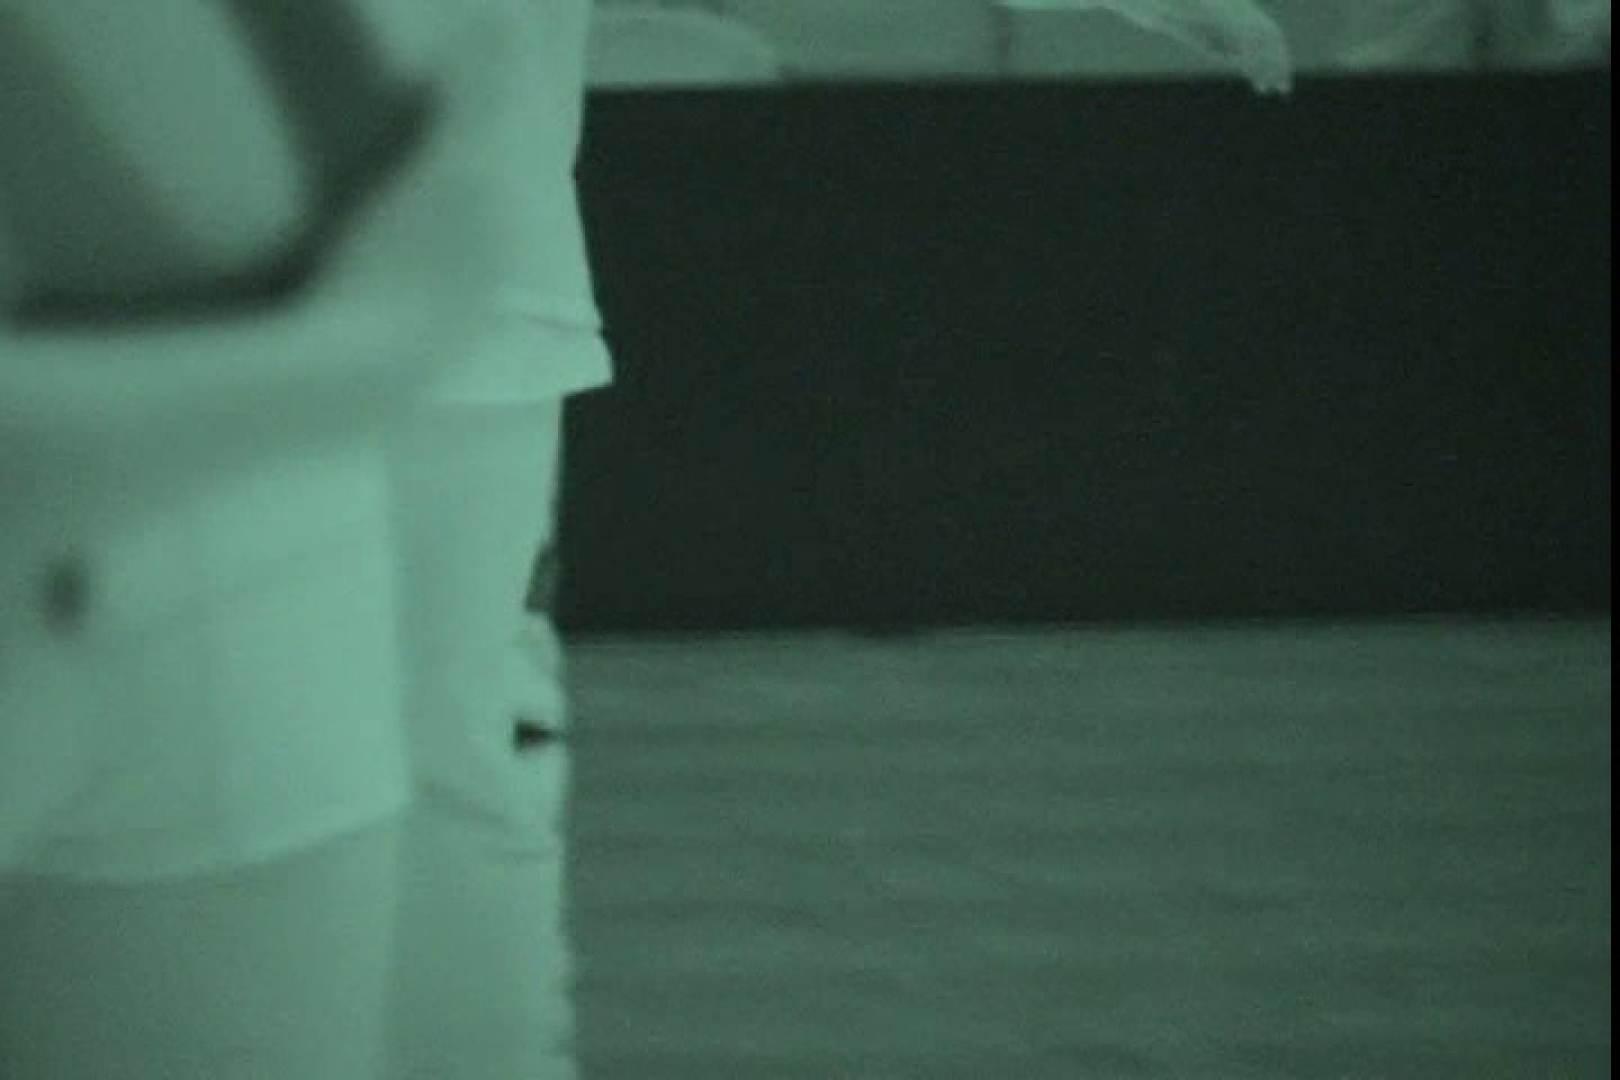 赤外線ムレスケバレー(汗) vol.04 アスリート | 赤外線  99連発 49